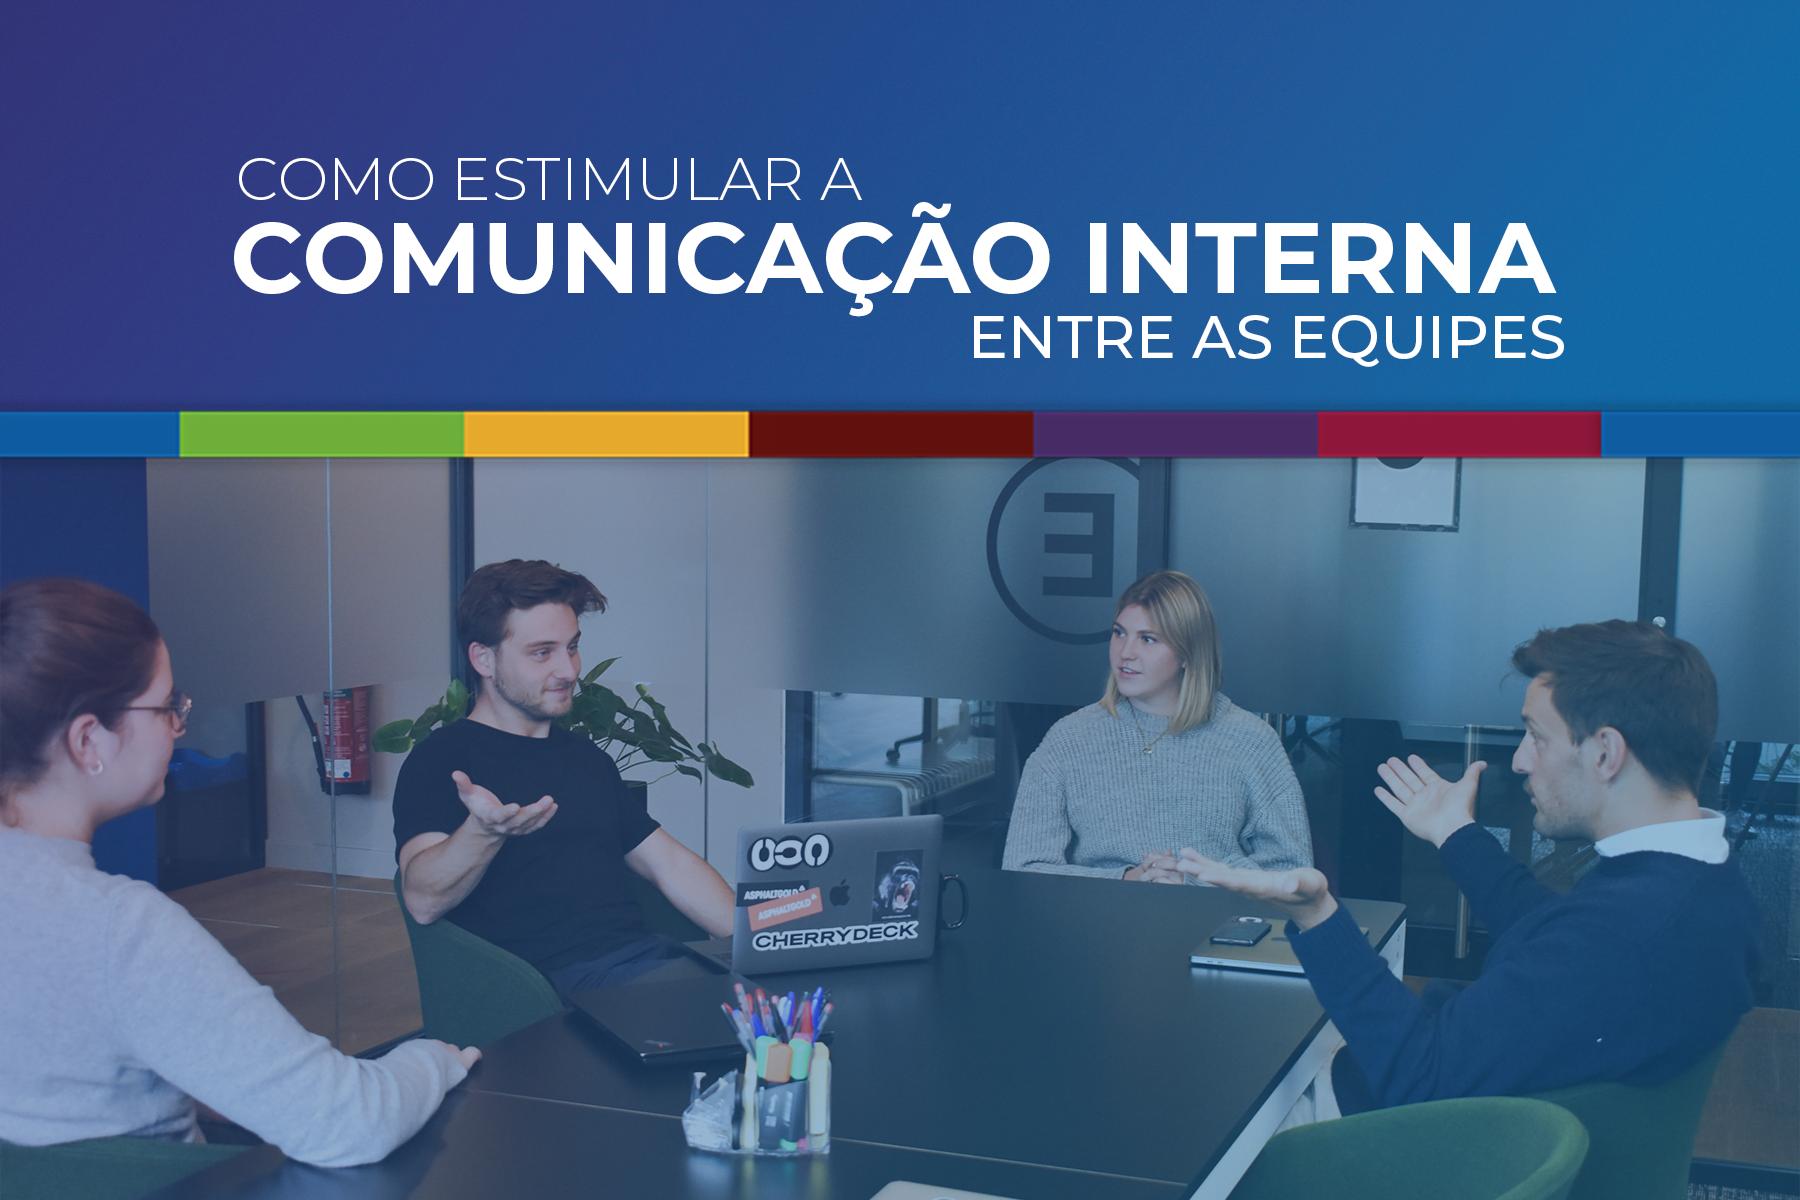 Comunicação interna entre as equipes